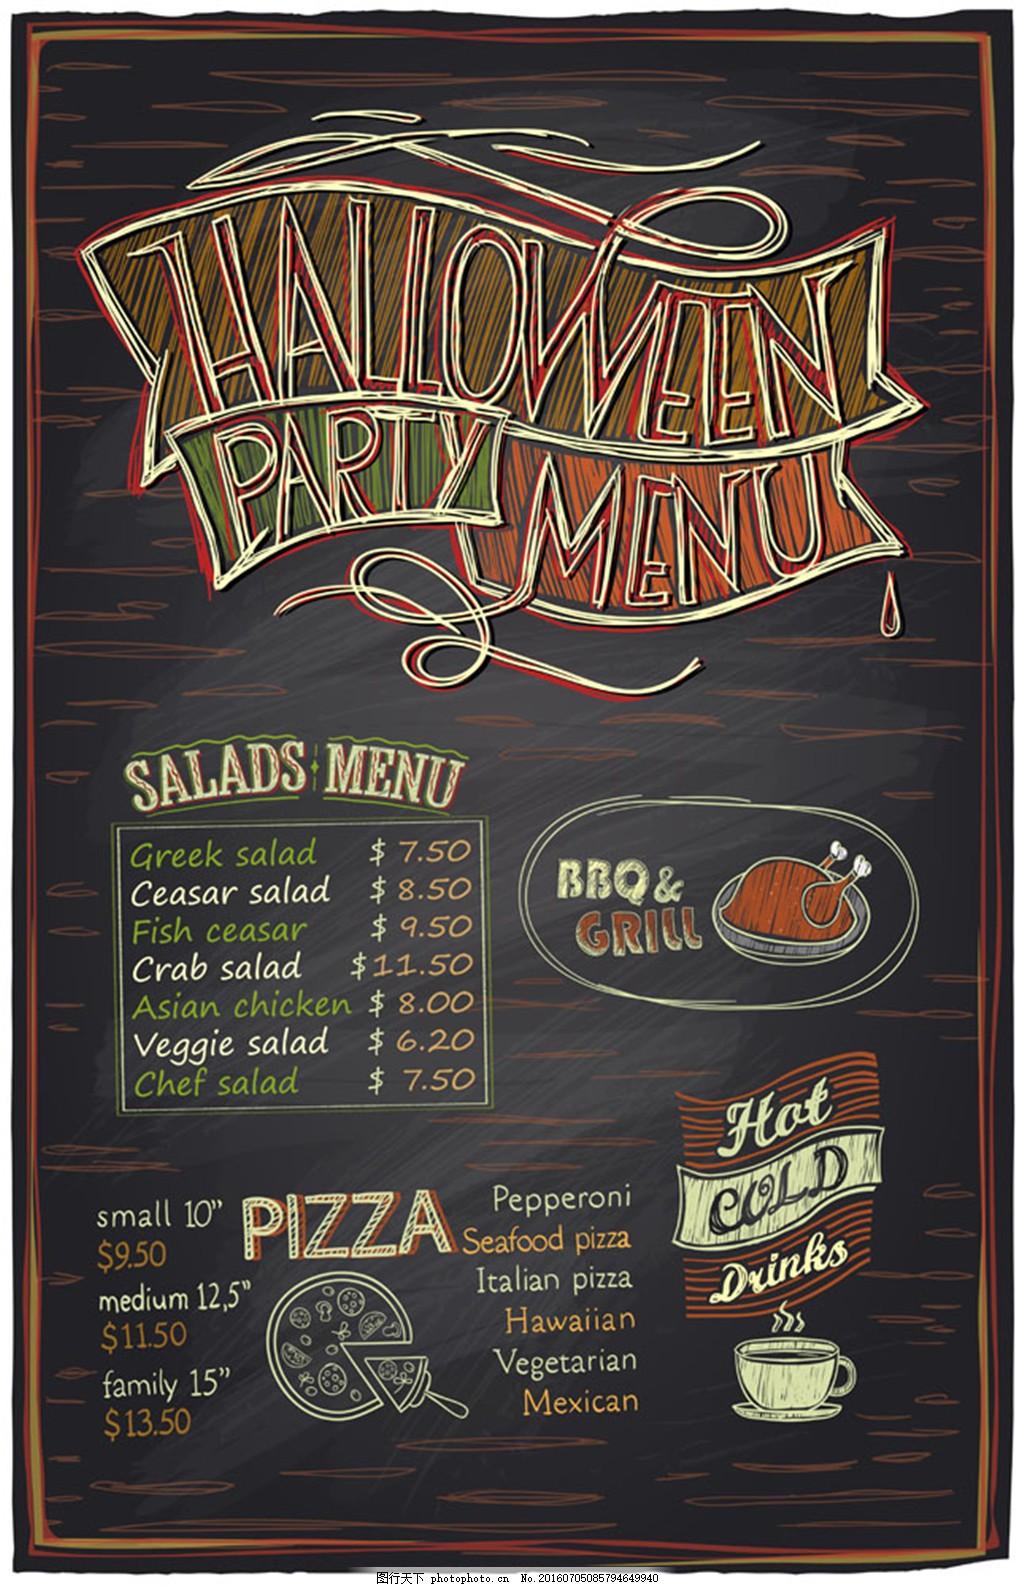 手绘披萨菜单 餐厅菜单 蛋糕 啤酒 矢量素材 餐具图标 餐饮美食菜单